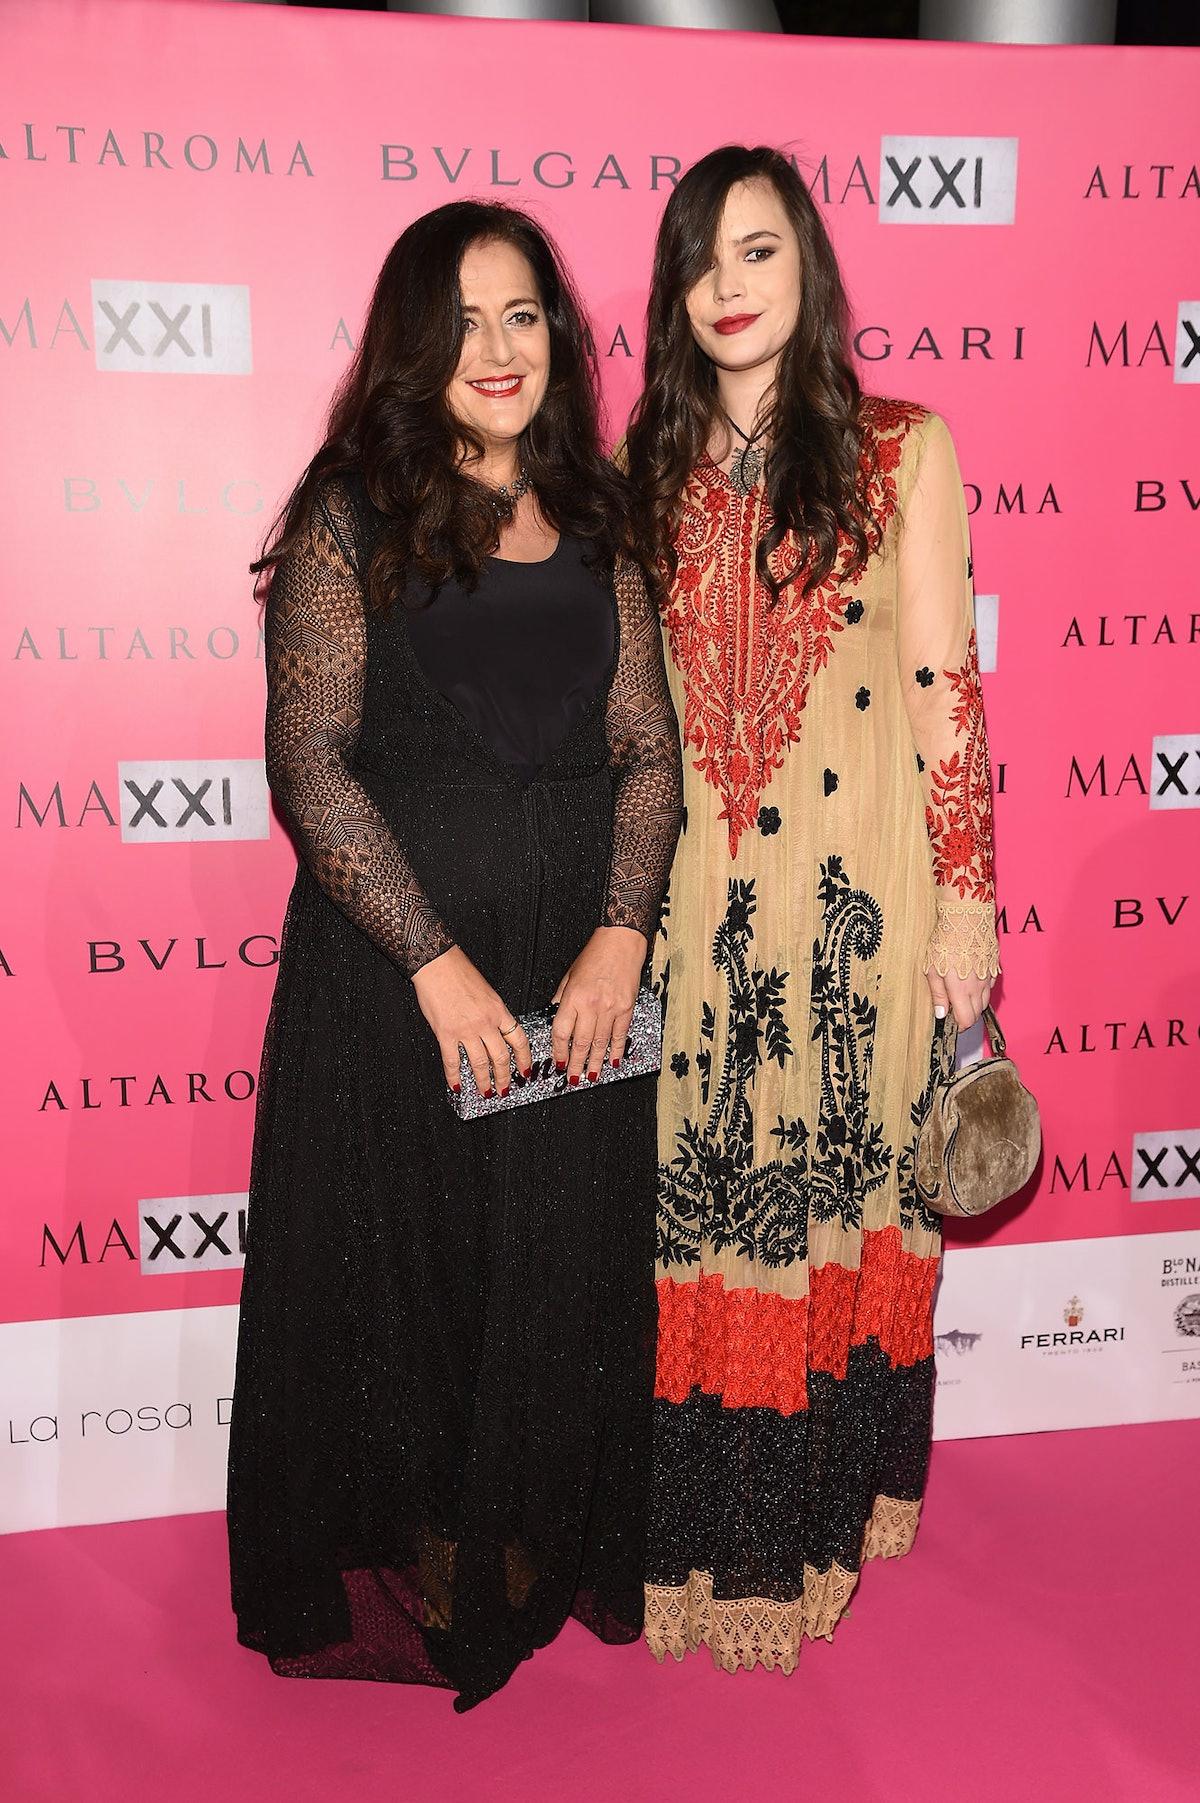 Angela Missoni and Teresa Missoni